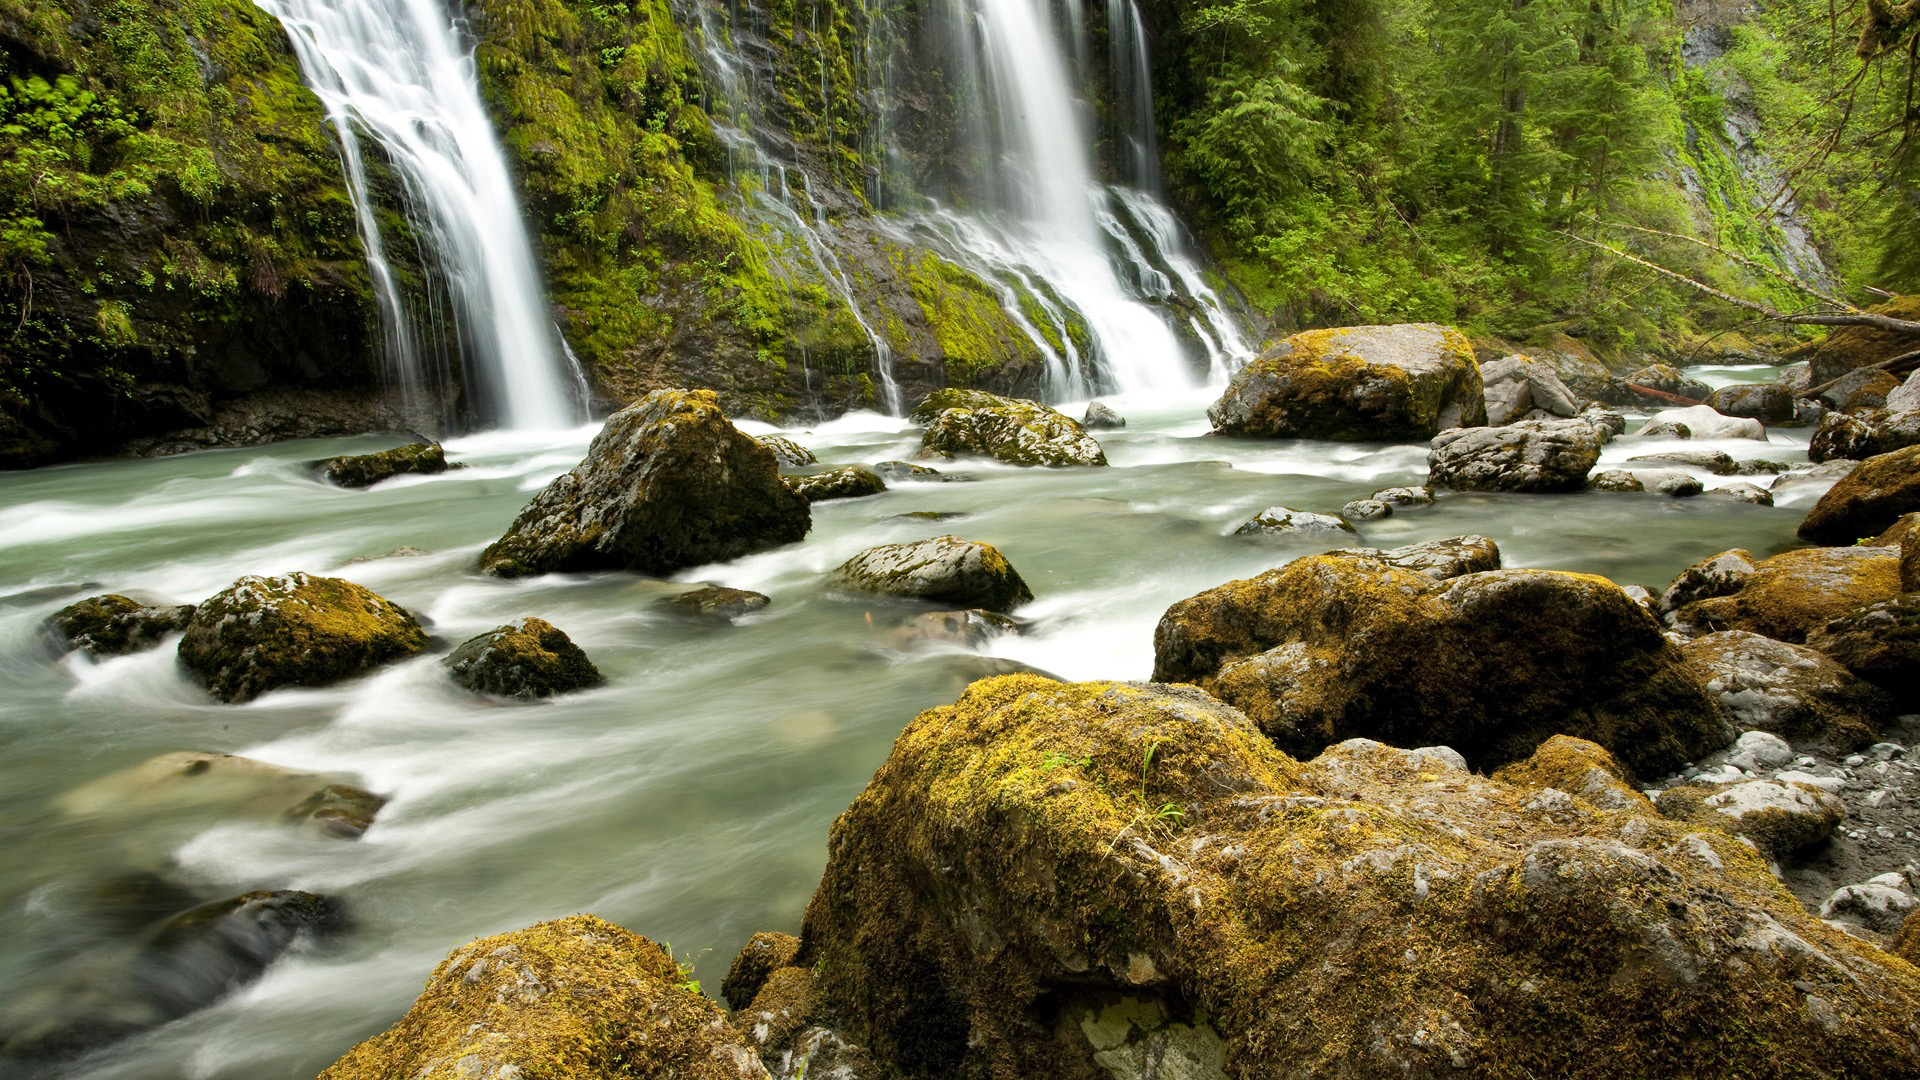 водопад река камни бесплатно